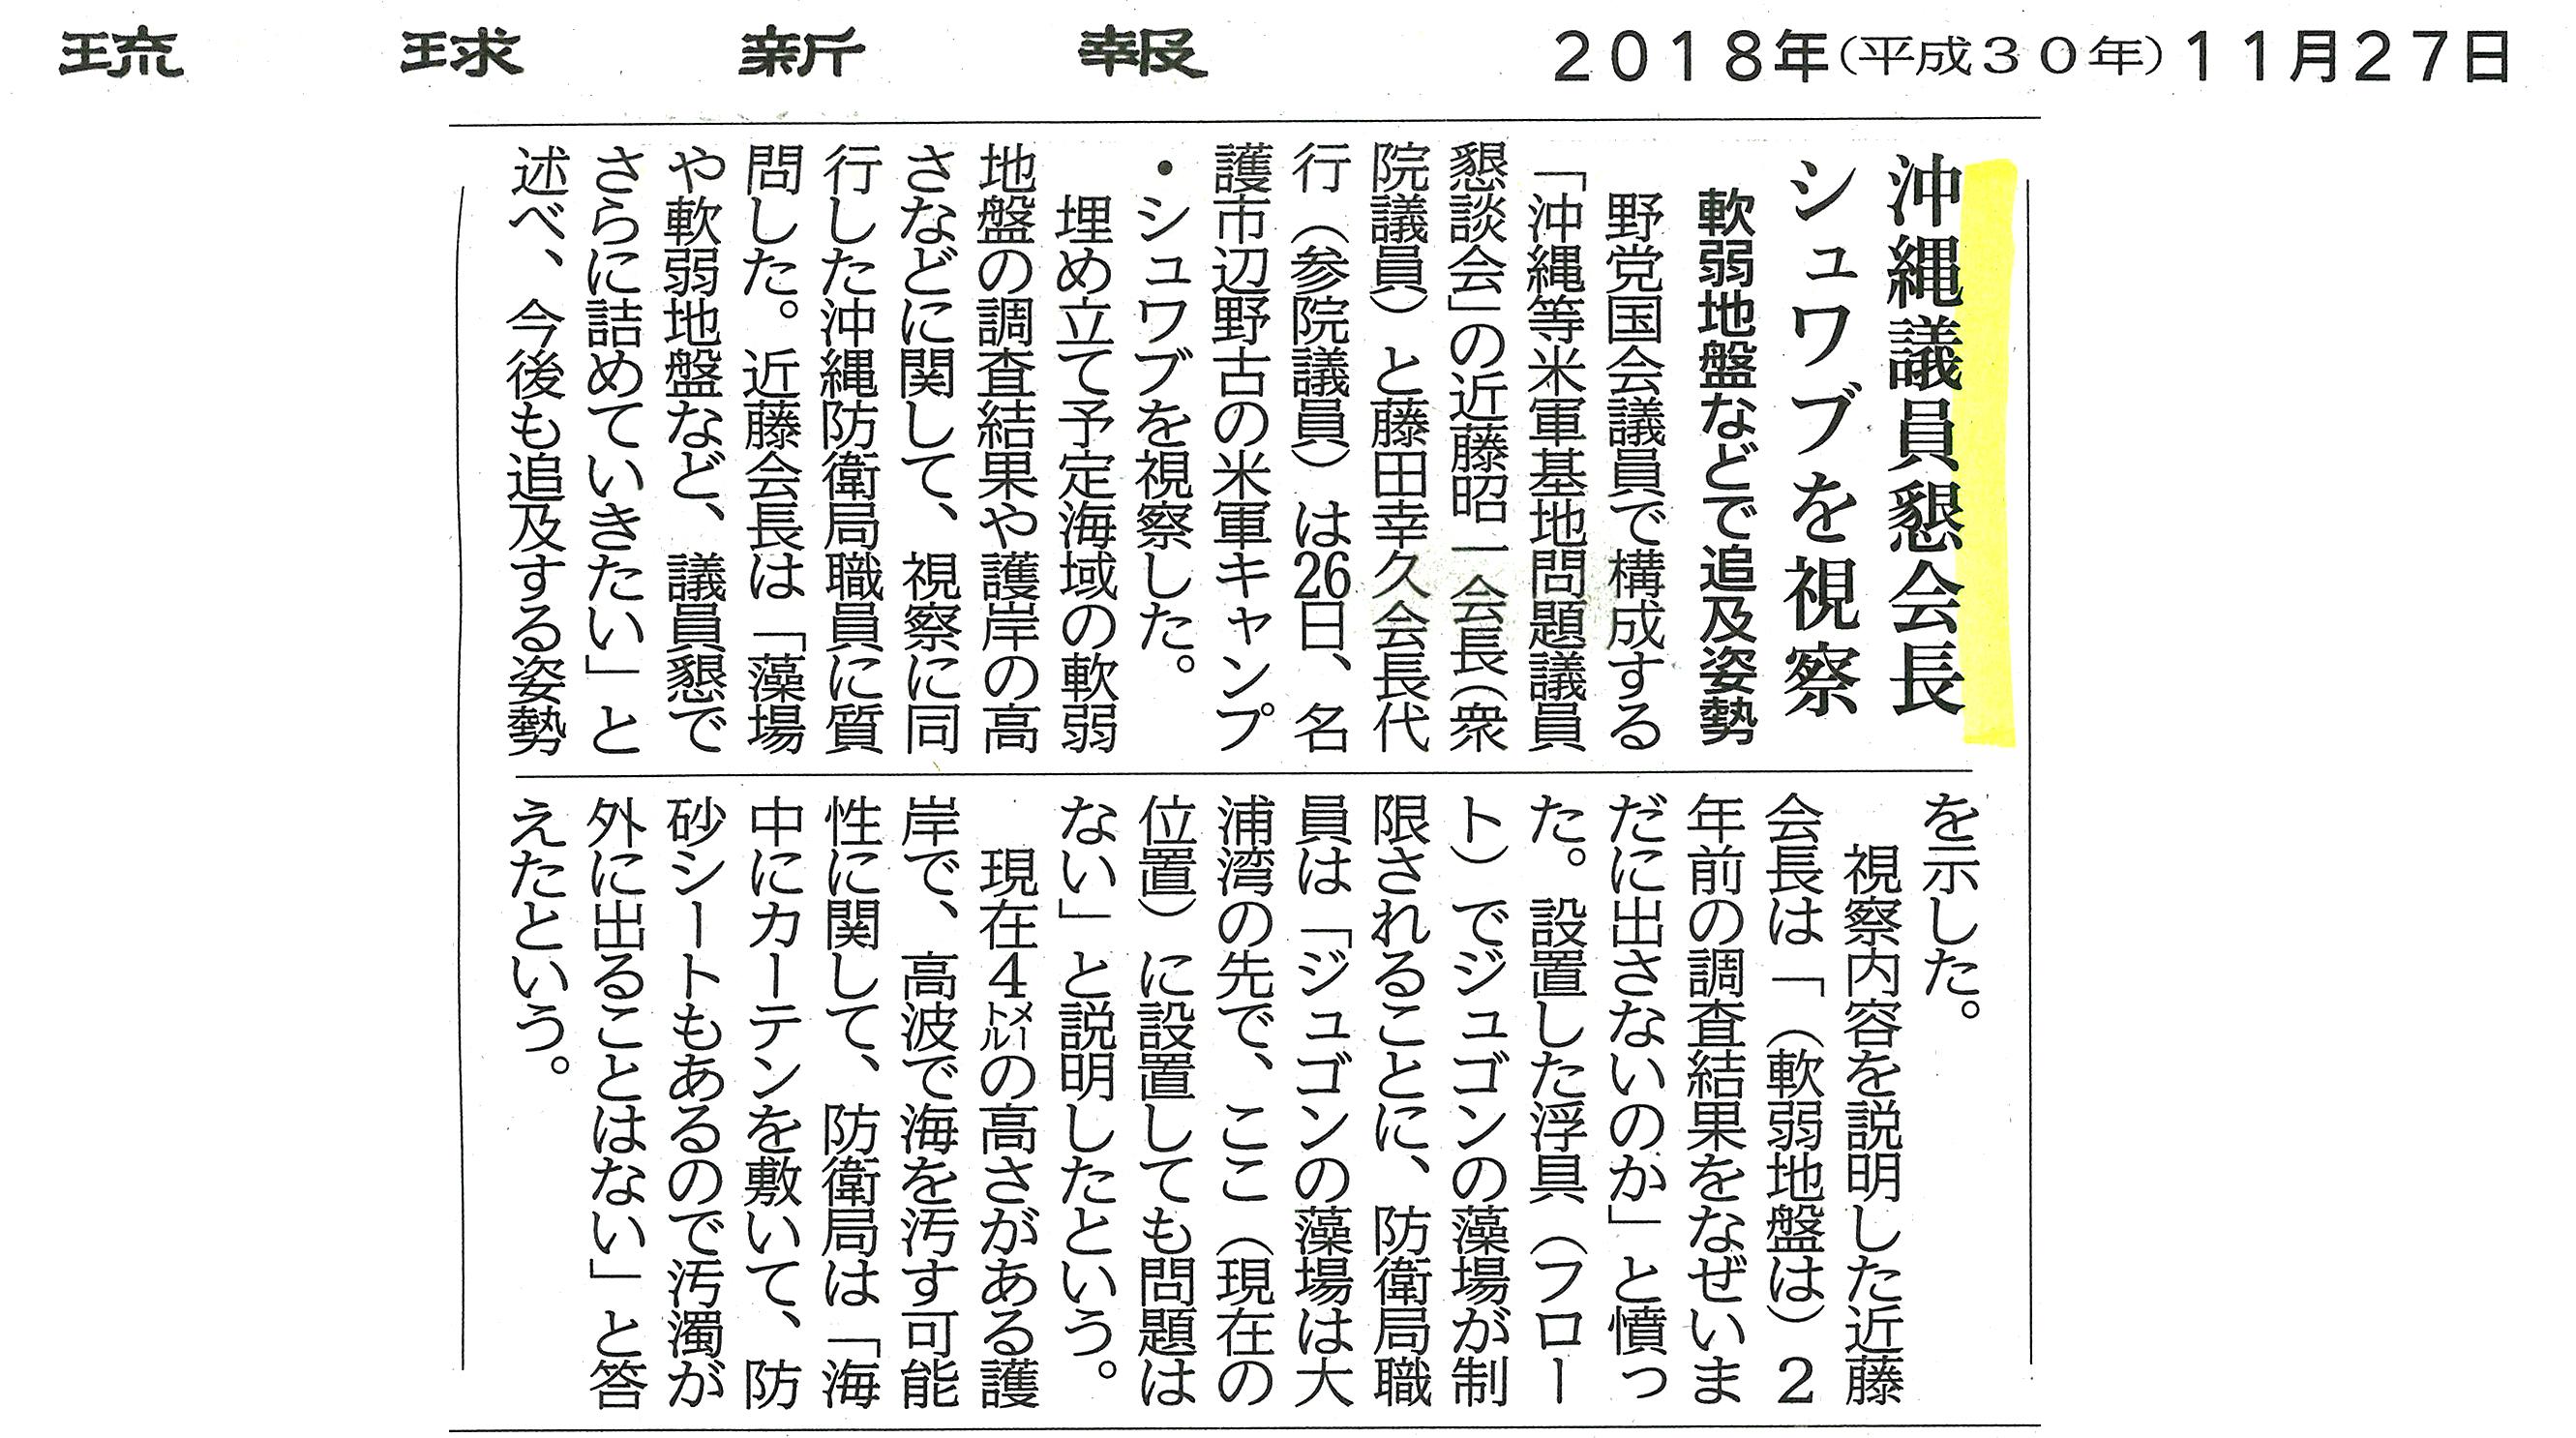 【琉球新報】沖縄議員懇会長シュワブを視察 軟弱地盤などで追及姿勢